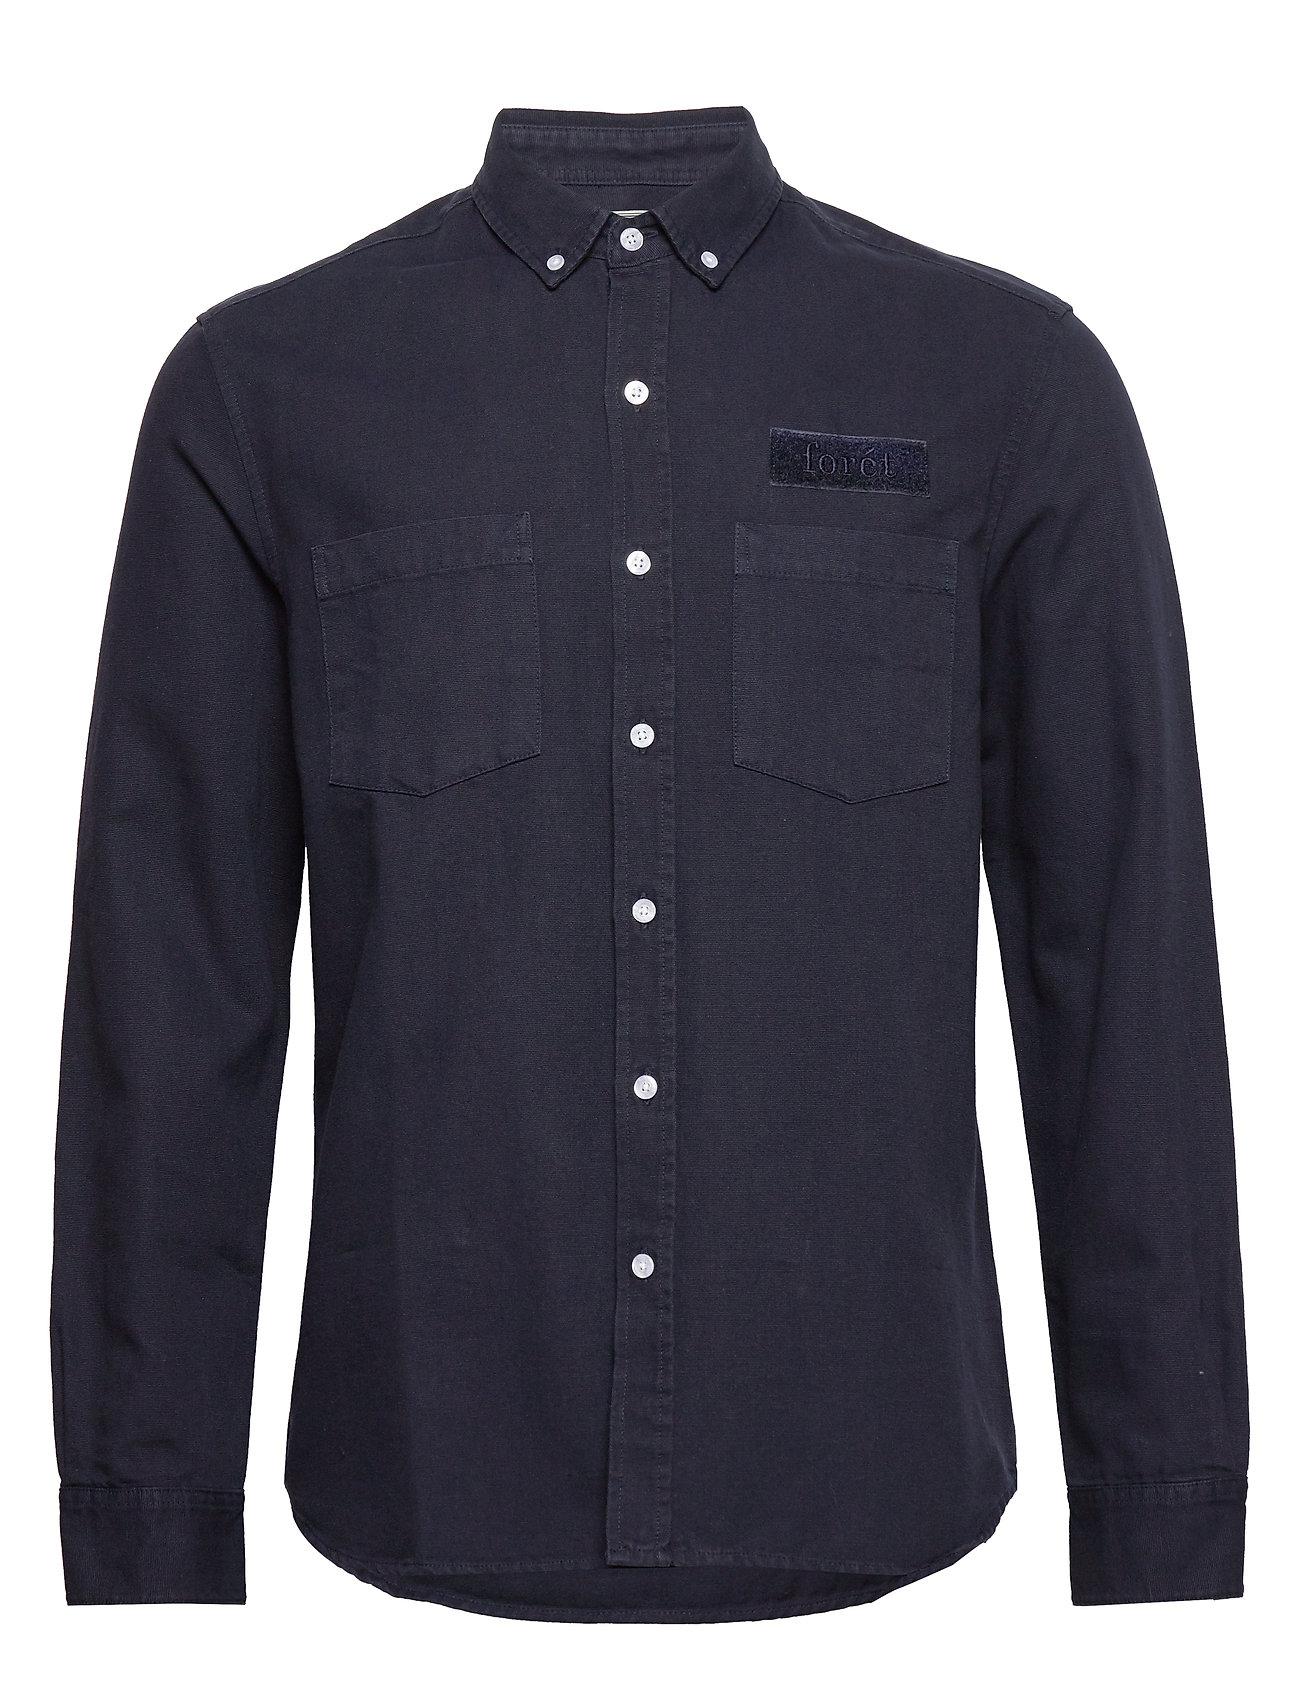 Image of Bear Shirt Overshirt Blå Forét (3336495253)